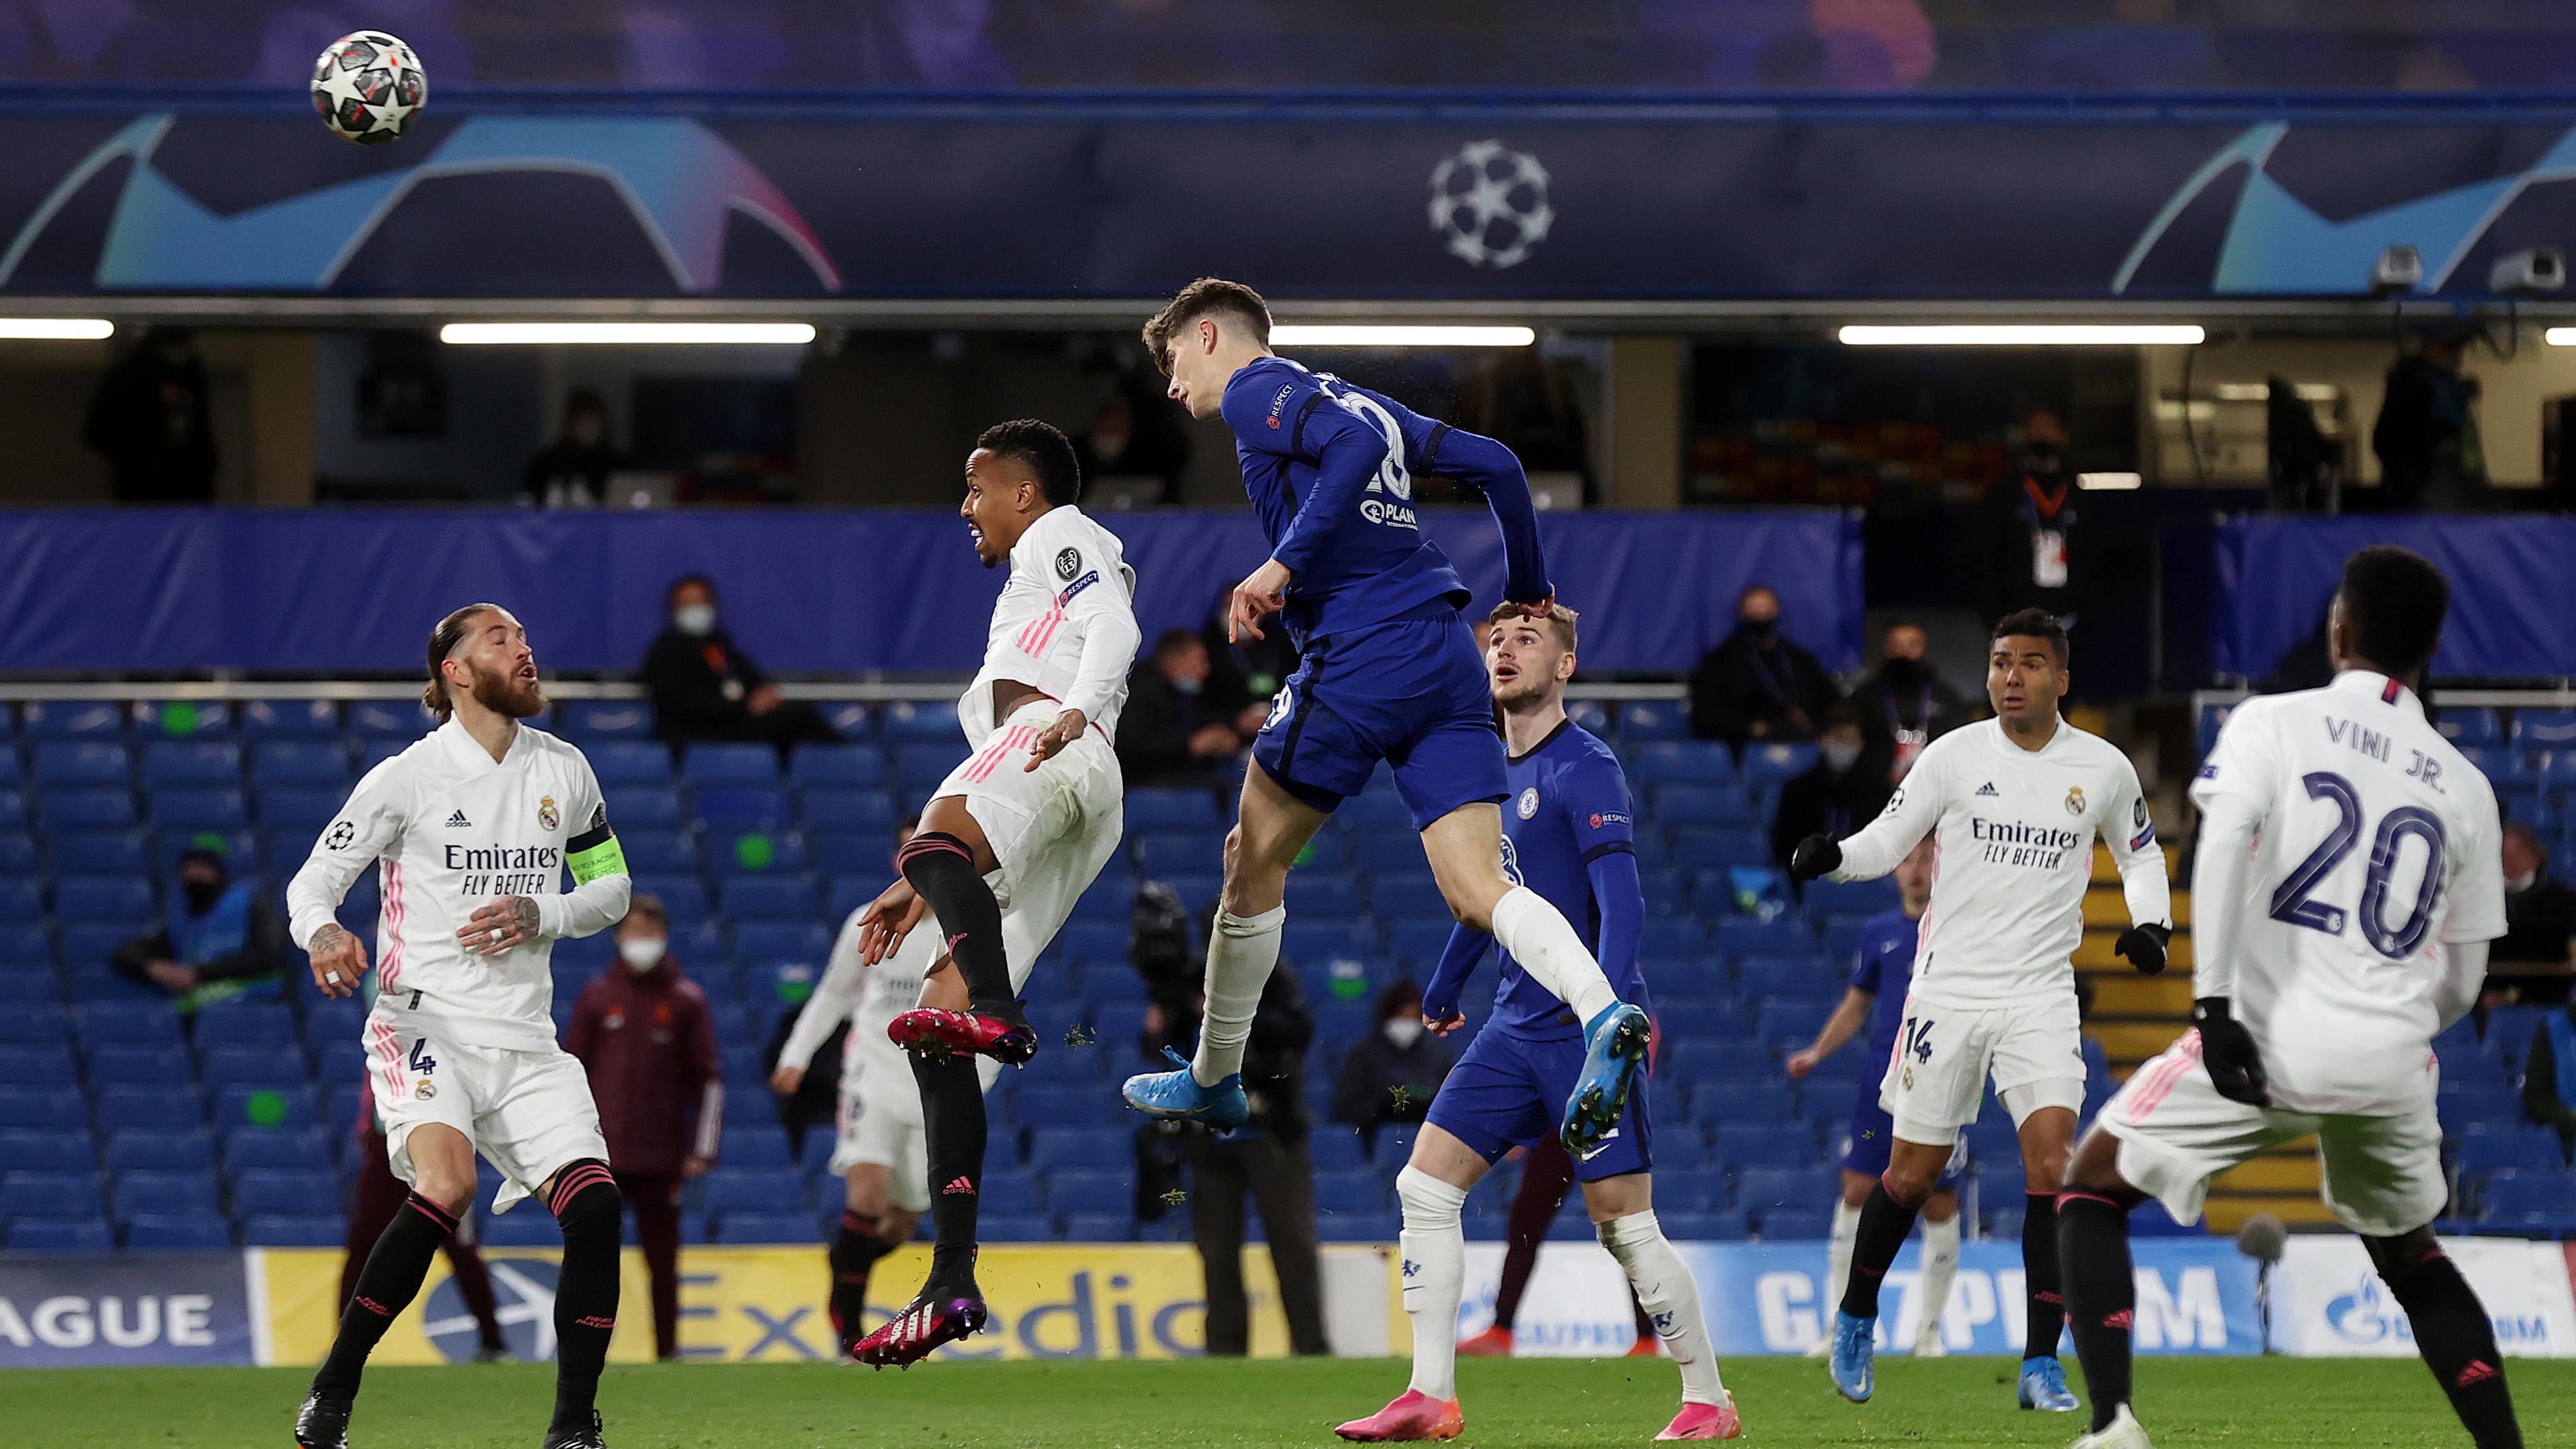 A PSG után elvérzett a Real is az elődöntőben, angol házifinálét rendeznek a Bajnokok Ligájában